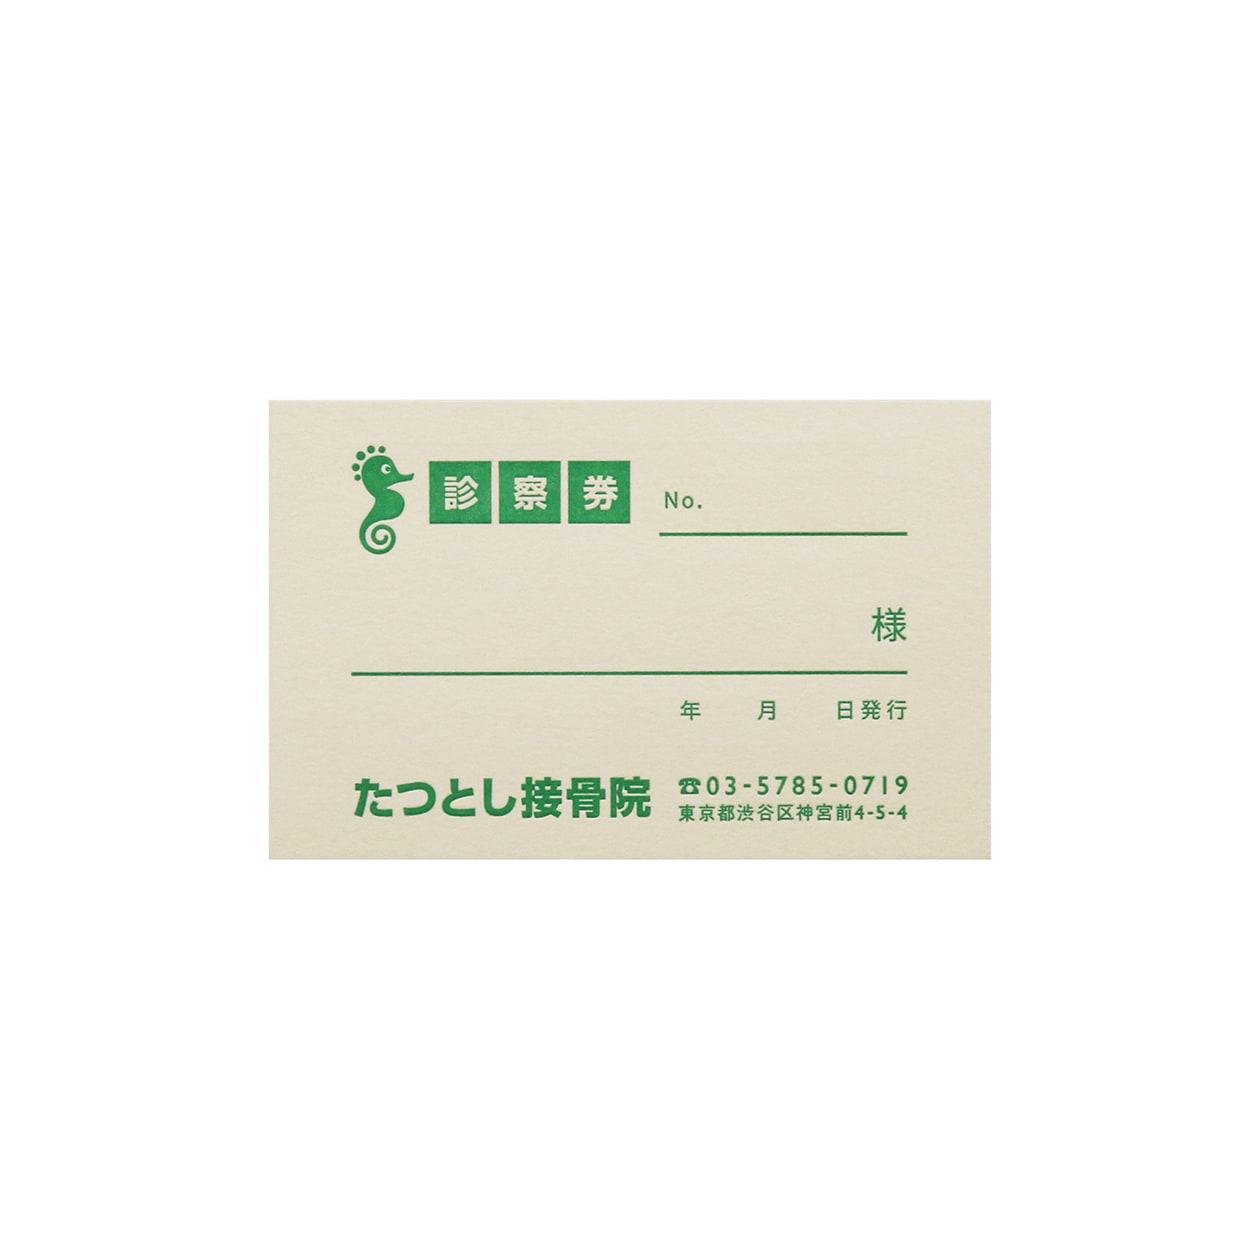 サンプル カード・シート 00246